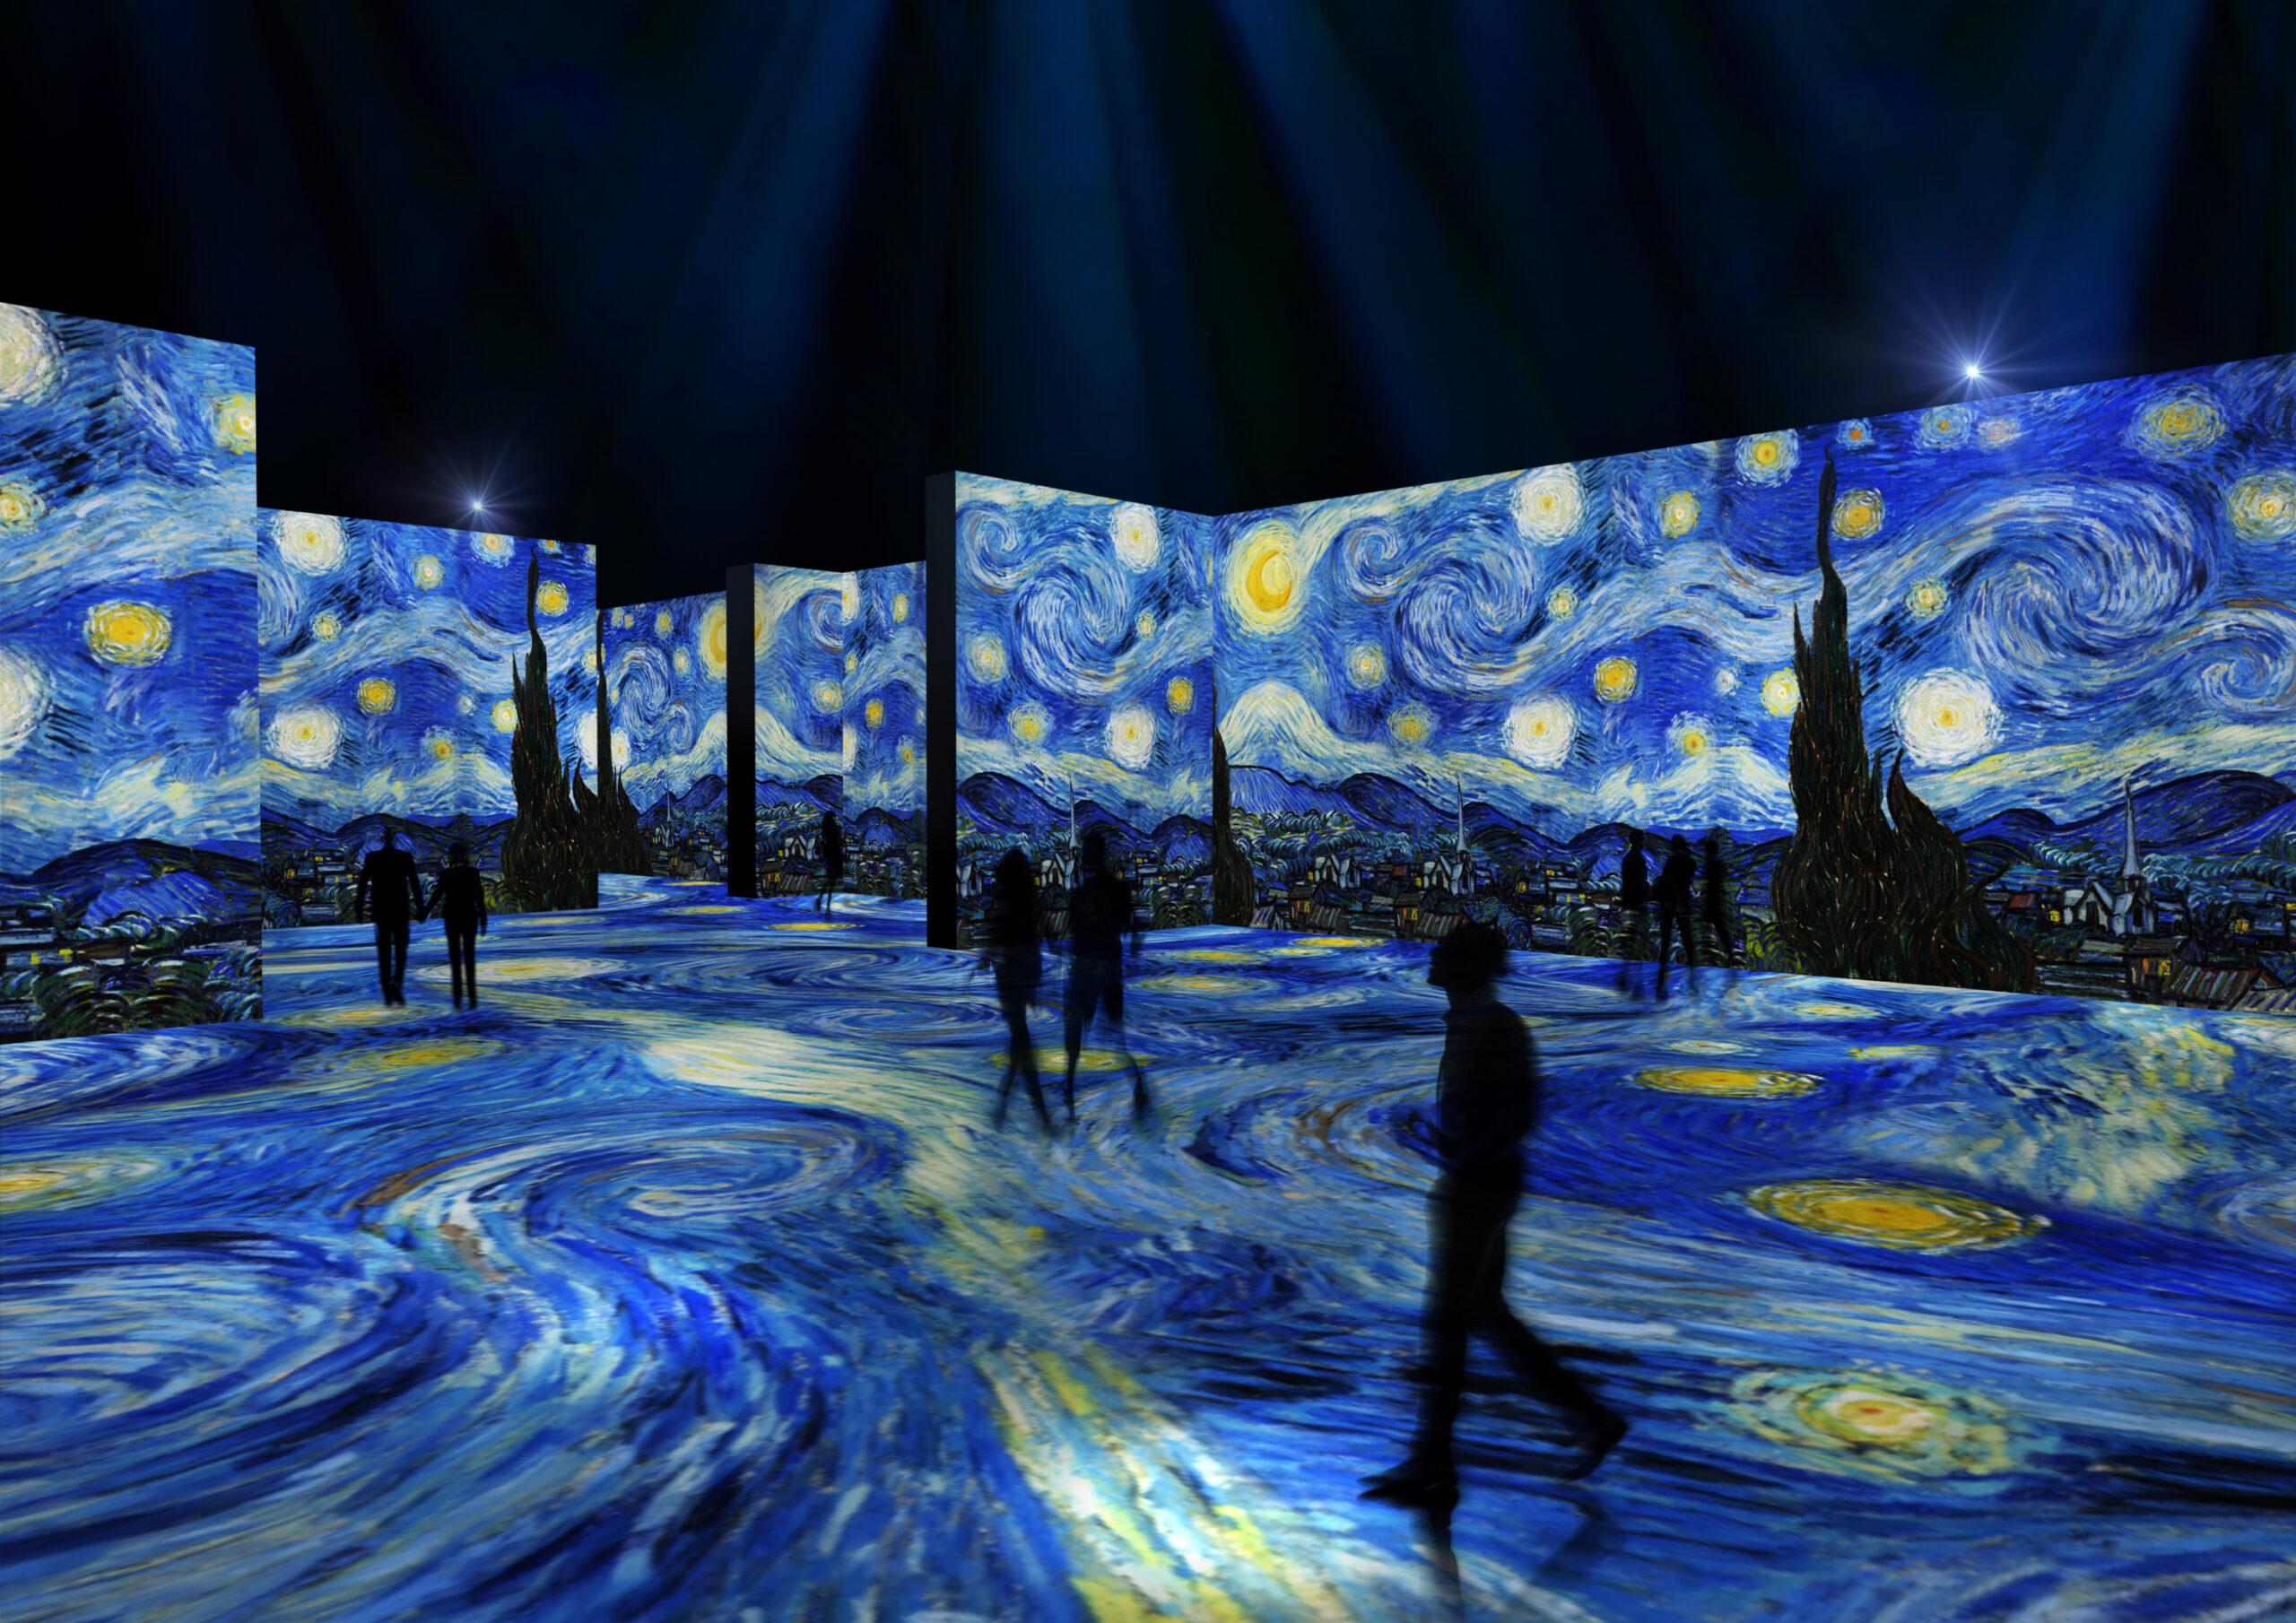 Van Gogh digitale a Londra: sdraiati sul pavimento immersi in una notte stellata